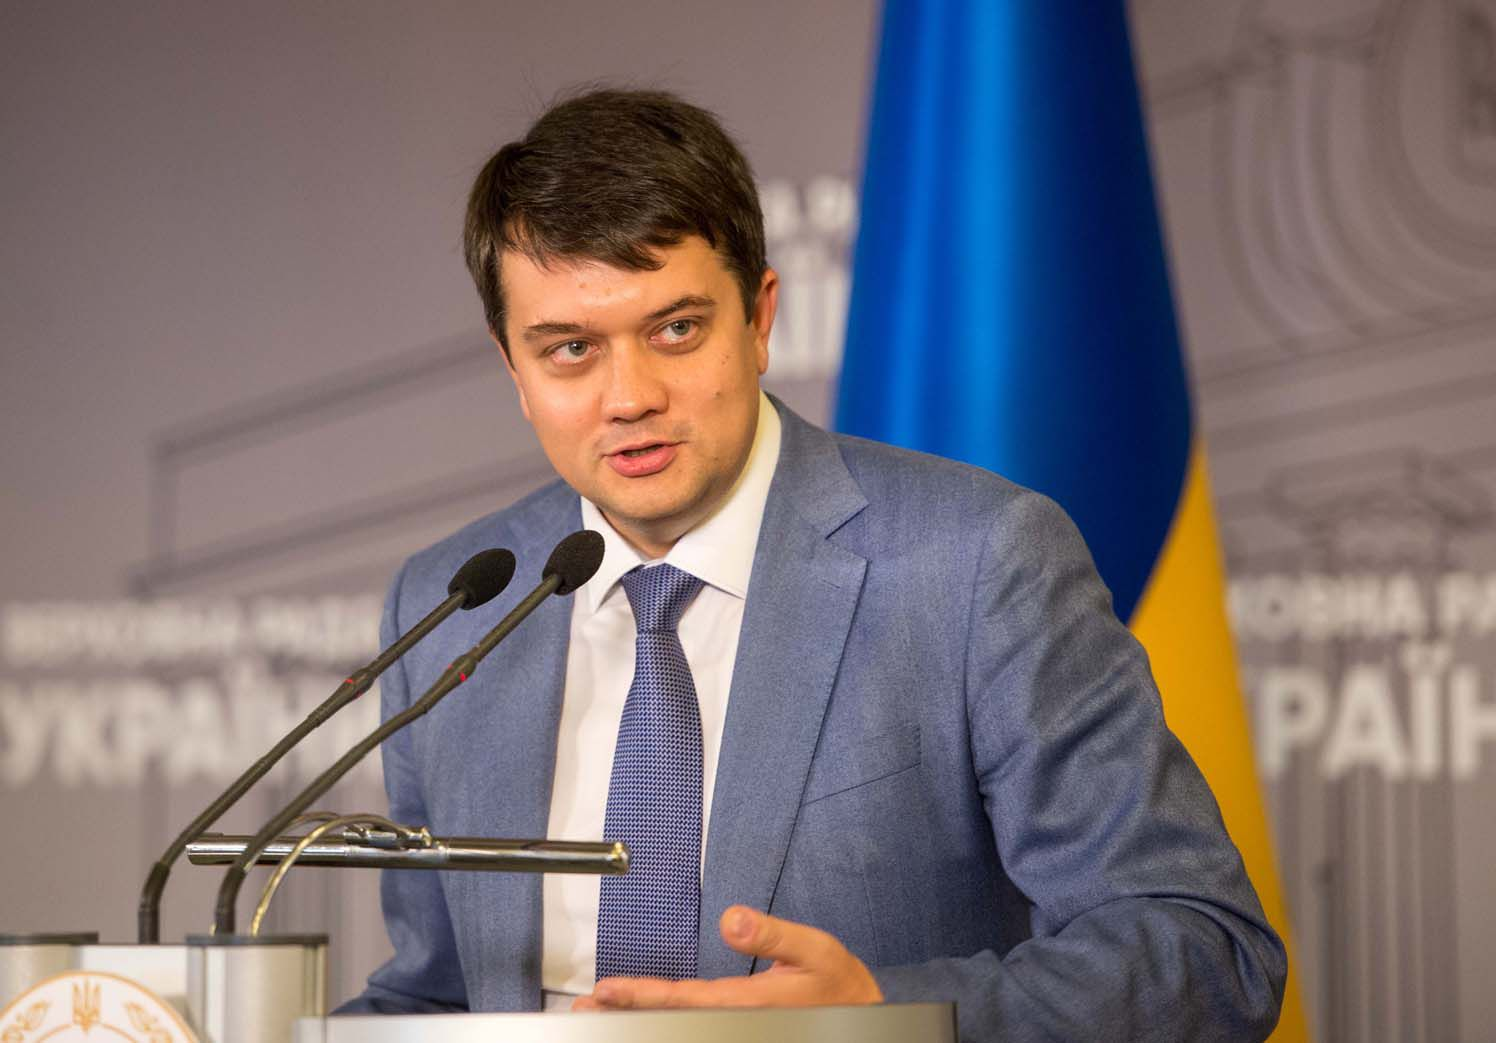 Перші 50 днів нової Верховної Ради: ухвалено чимало рішень, але попереду ще більше роботи